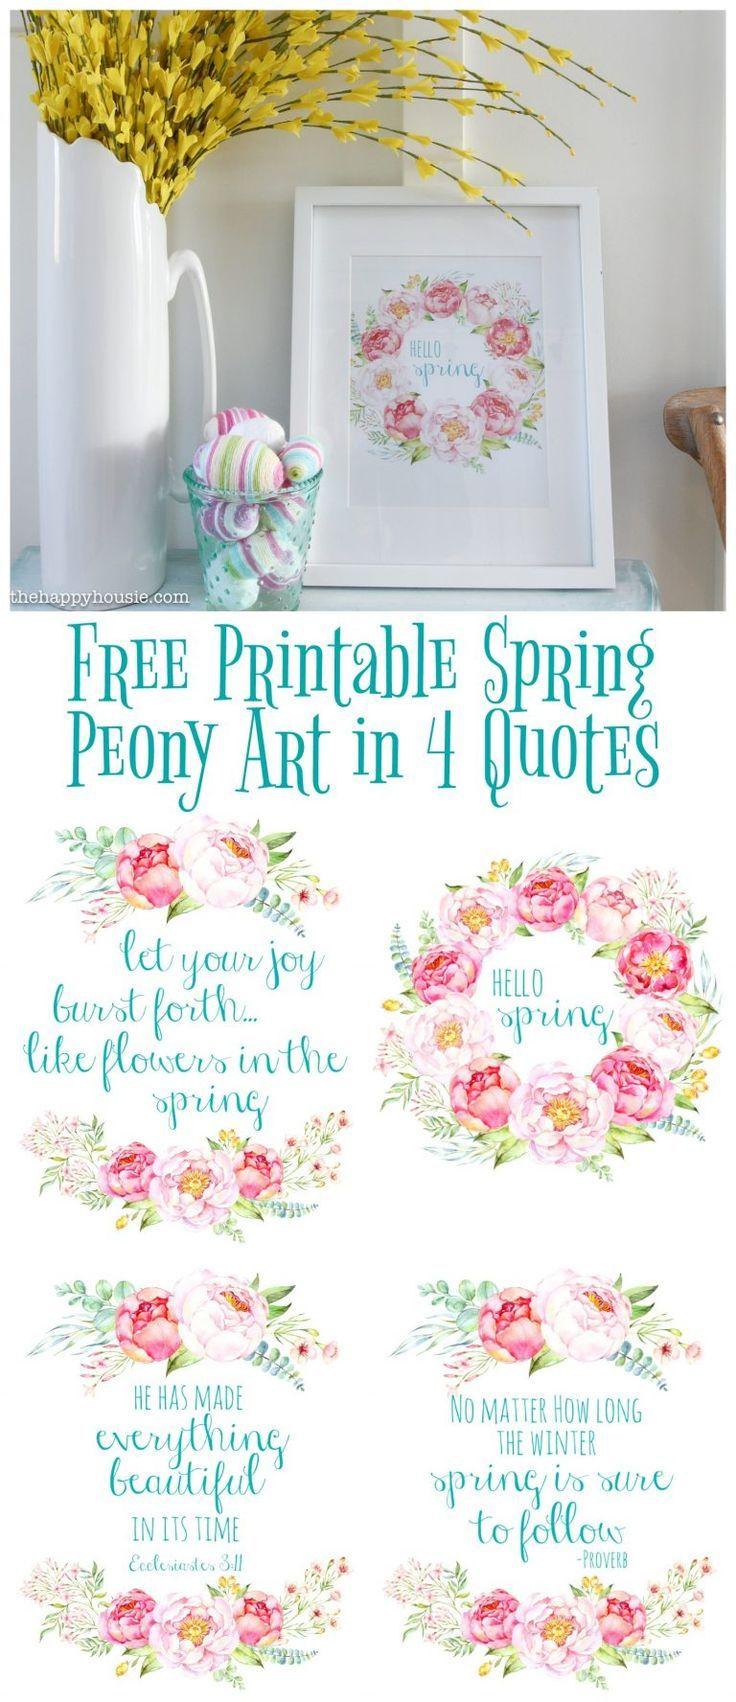 Free-Printable-Spring-Peony-Ar